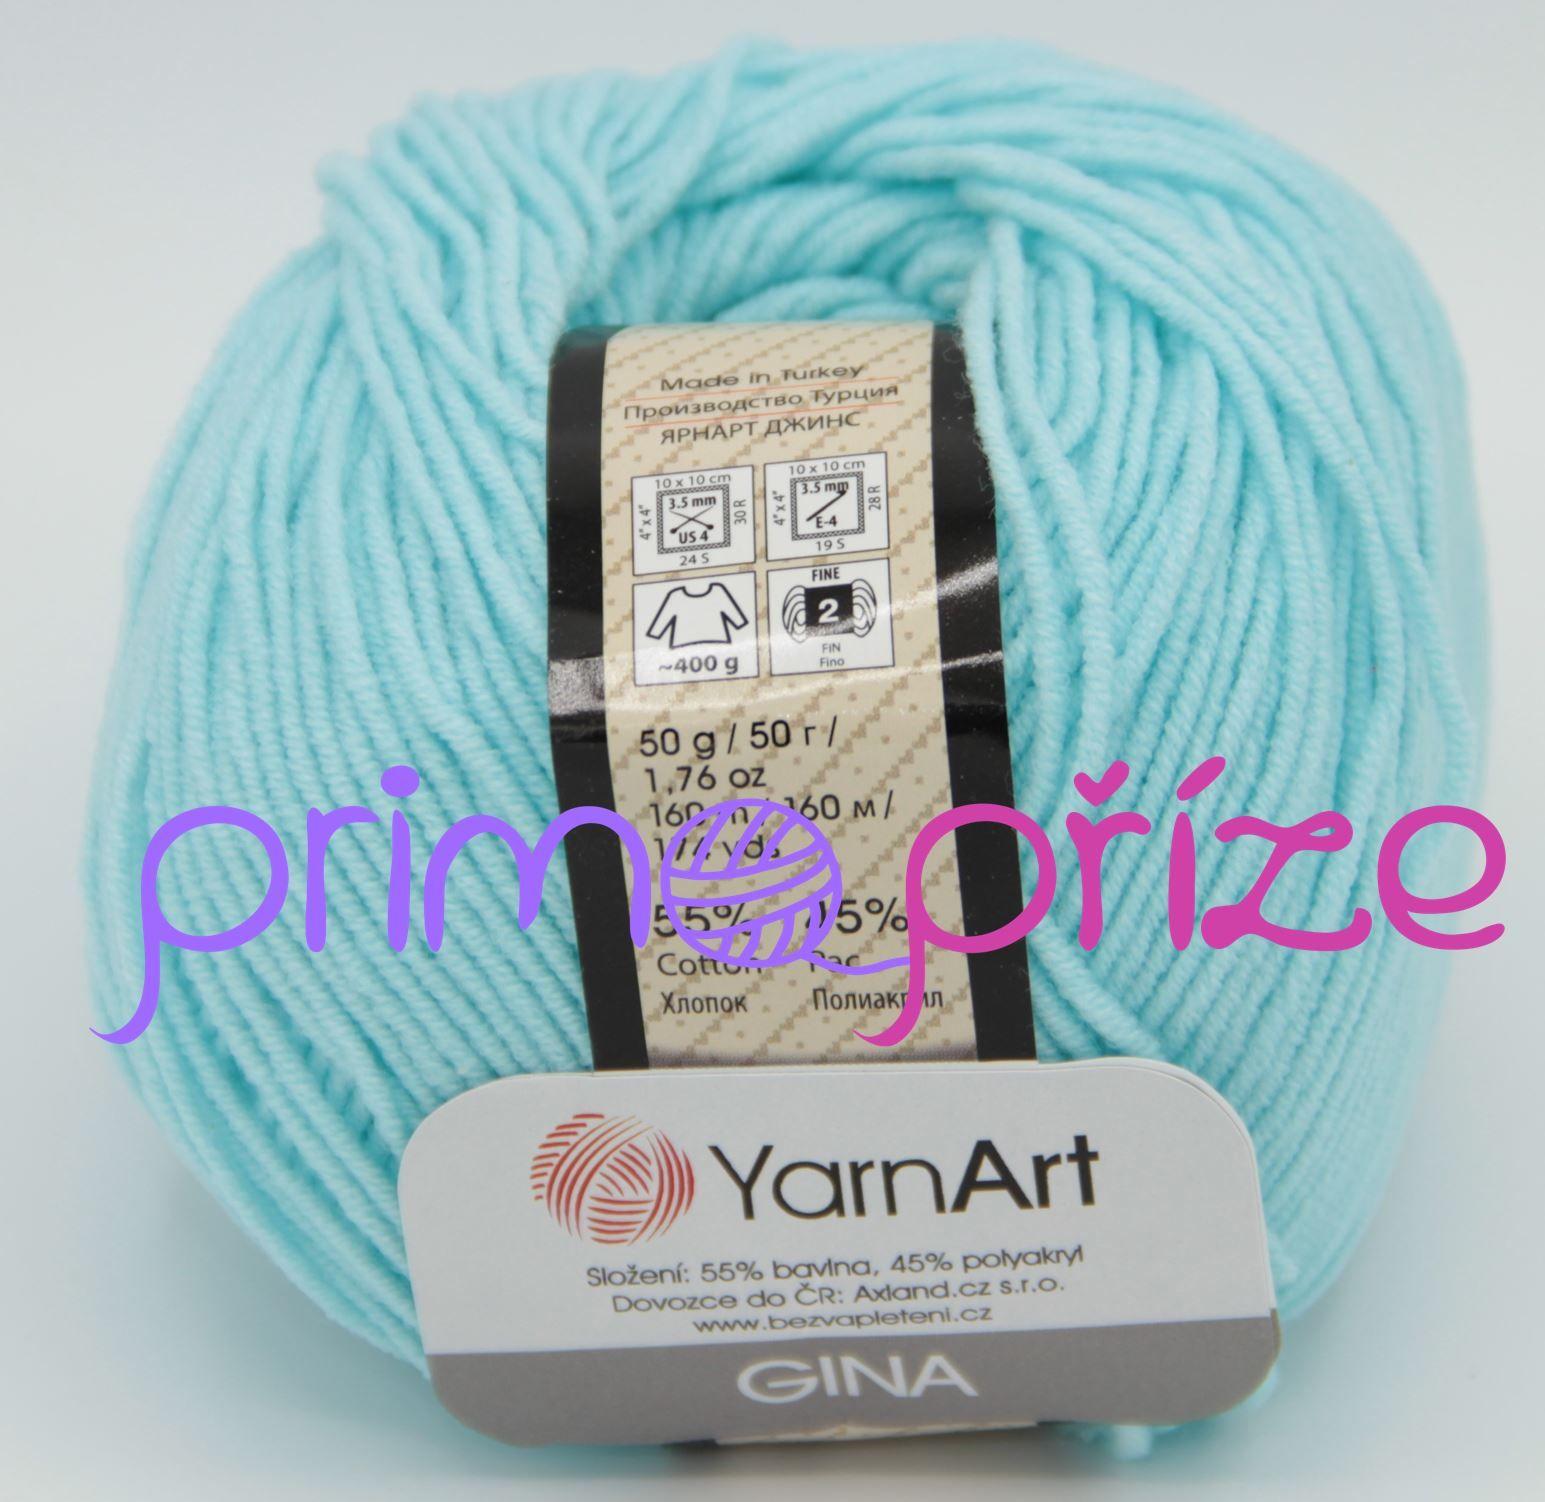 YarnArt Jeans/Gina 76 světle tyrkysová